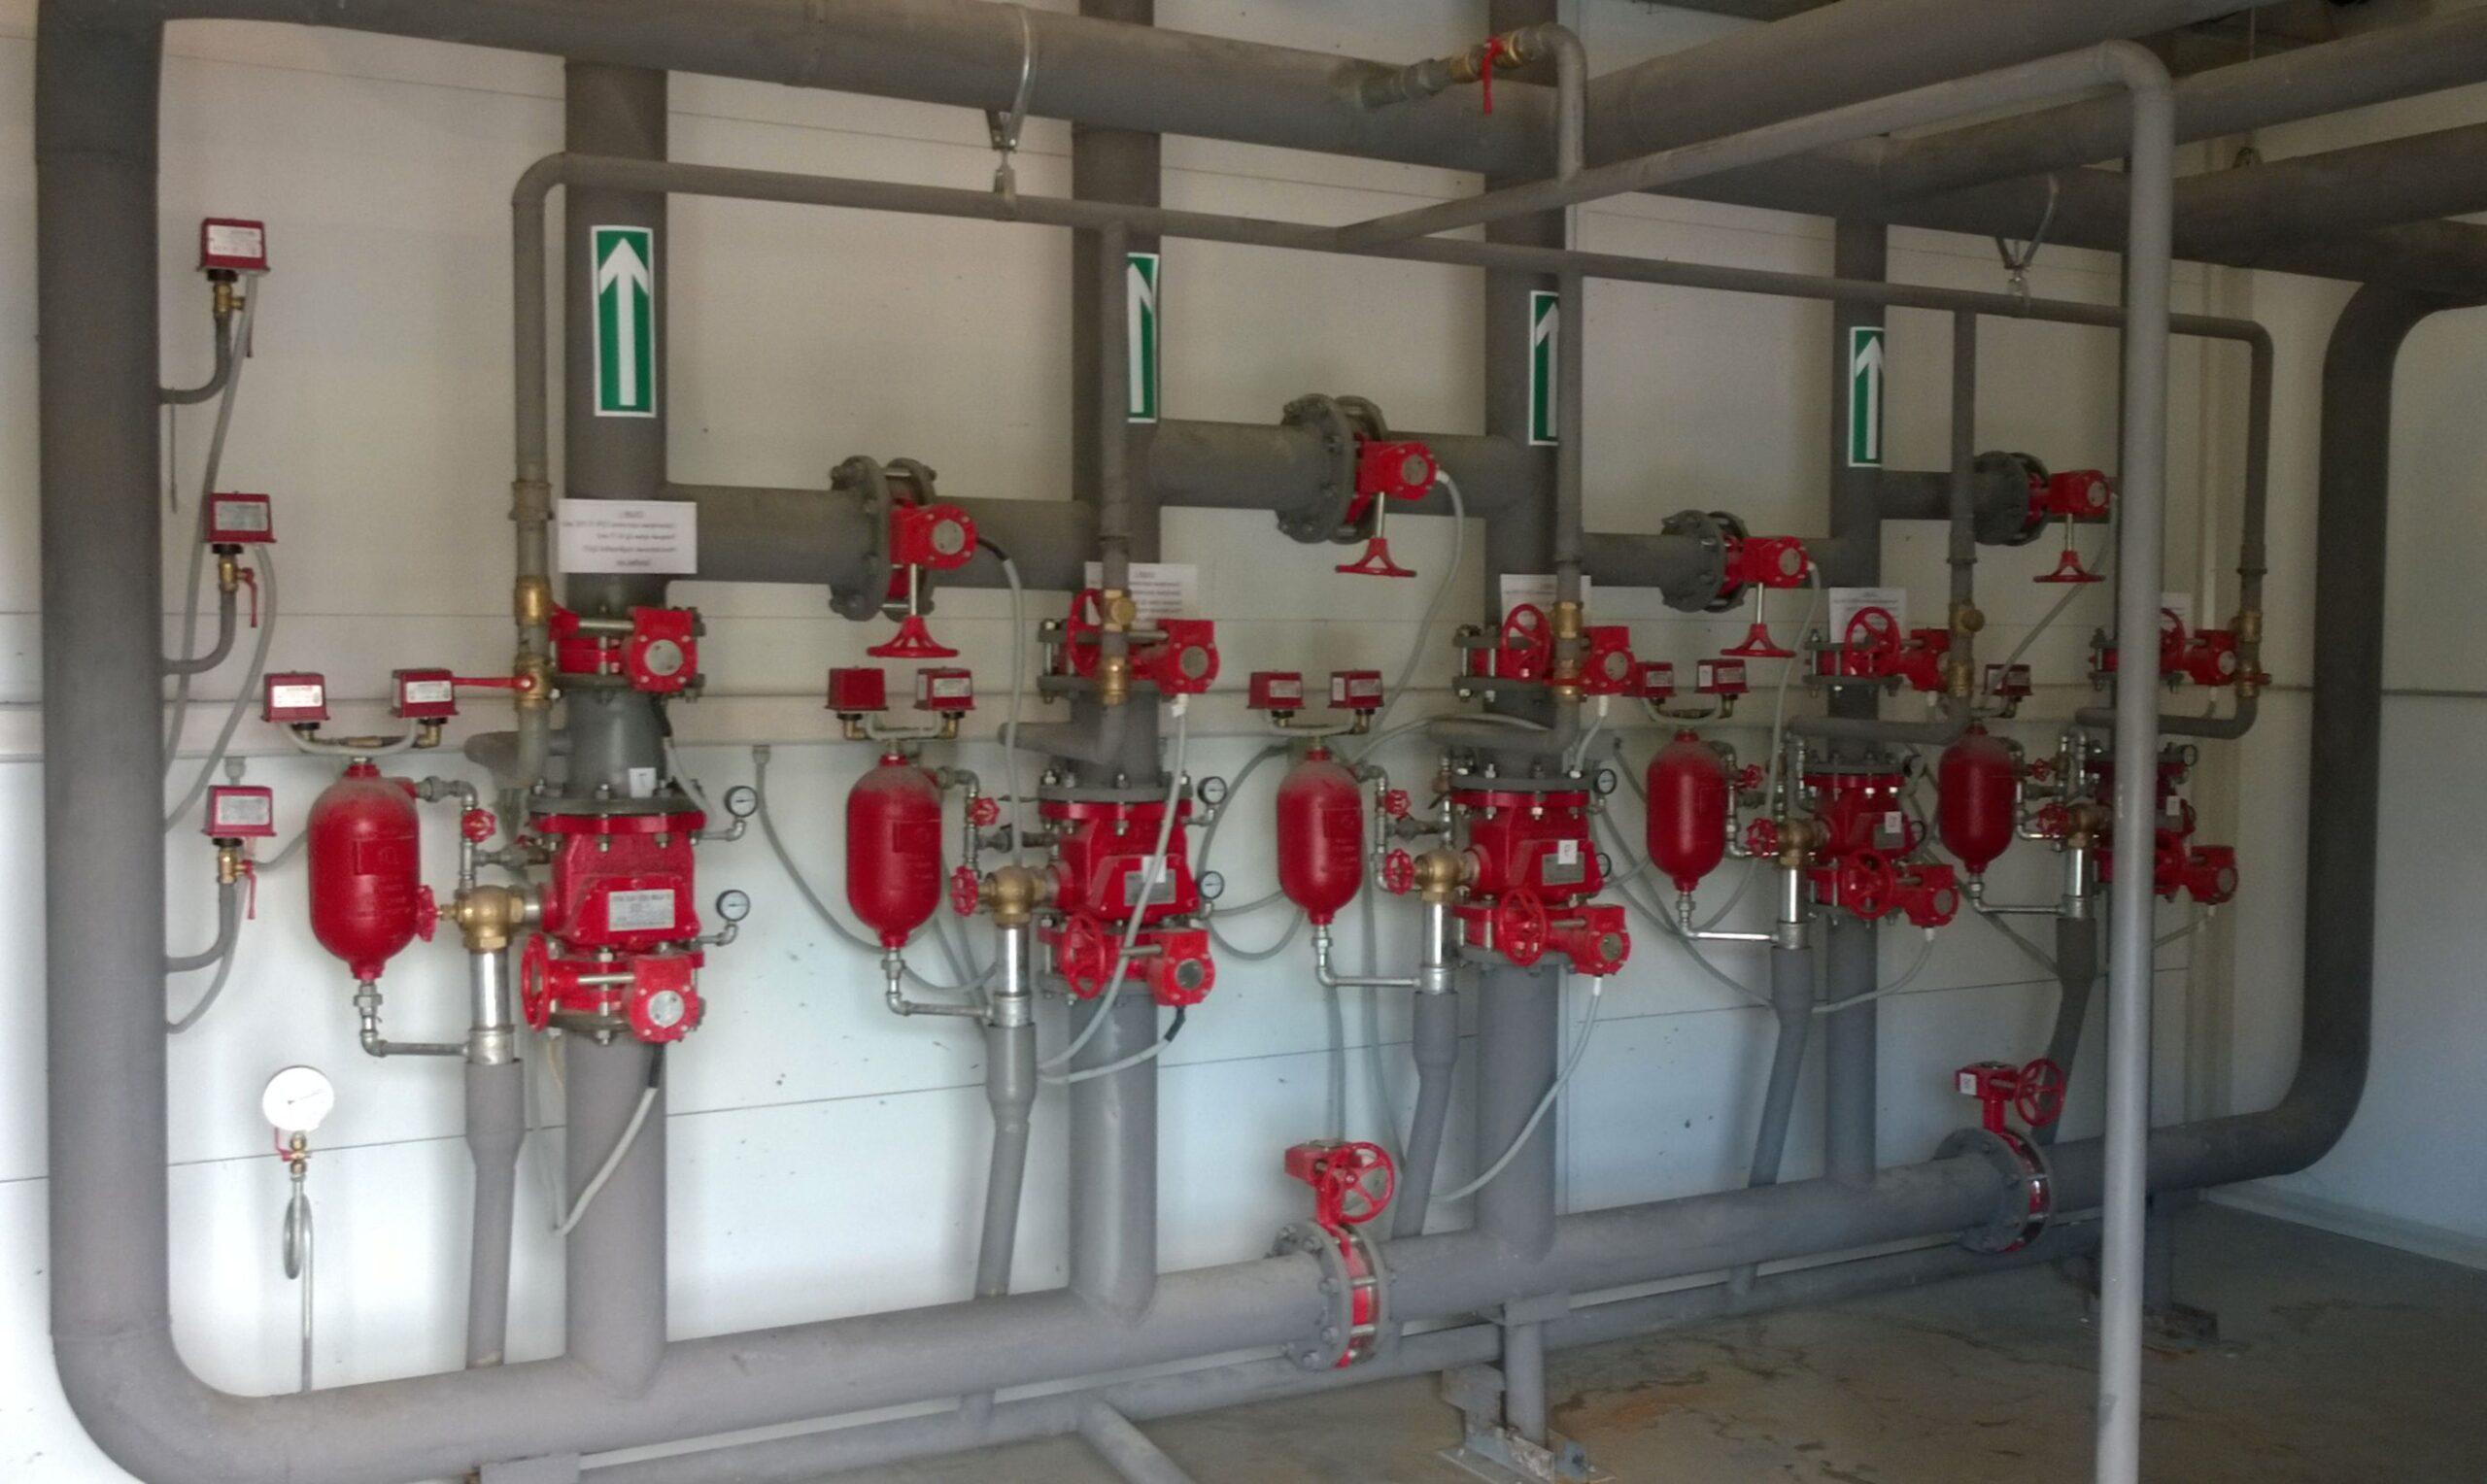 Внутренний пожарный водопровод обеспечивает водой пожарные шкафы. Из будут использовать пожарные расчеты при тушении огня внутри здания.